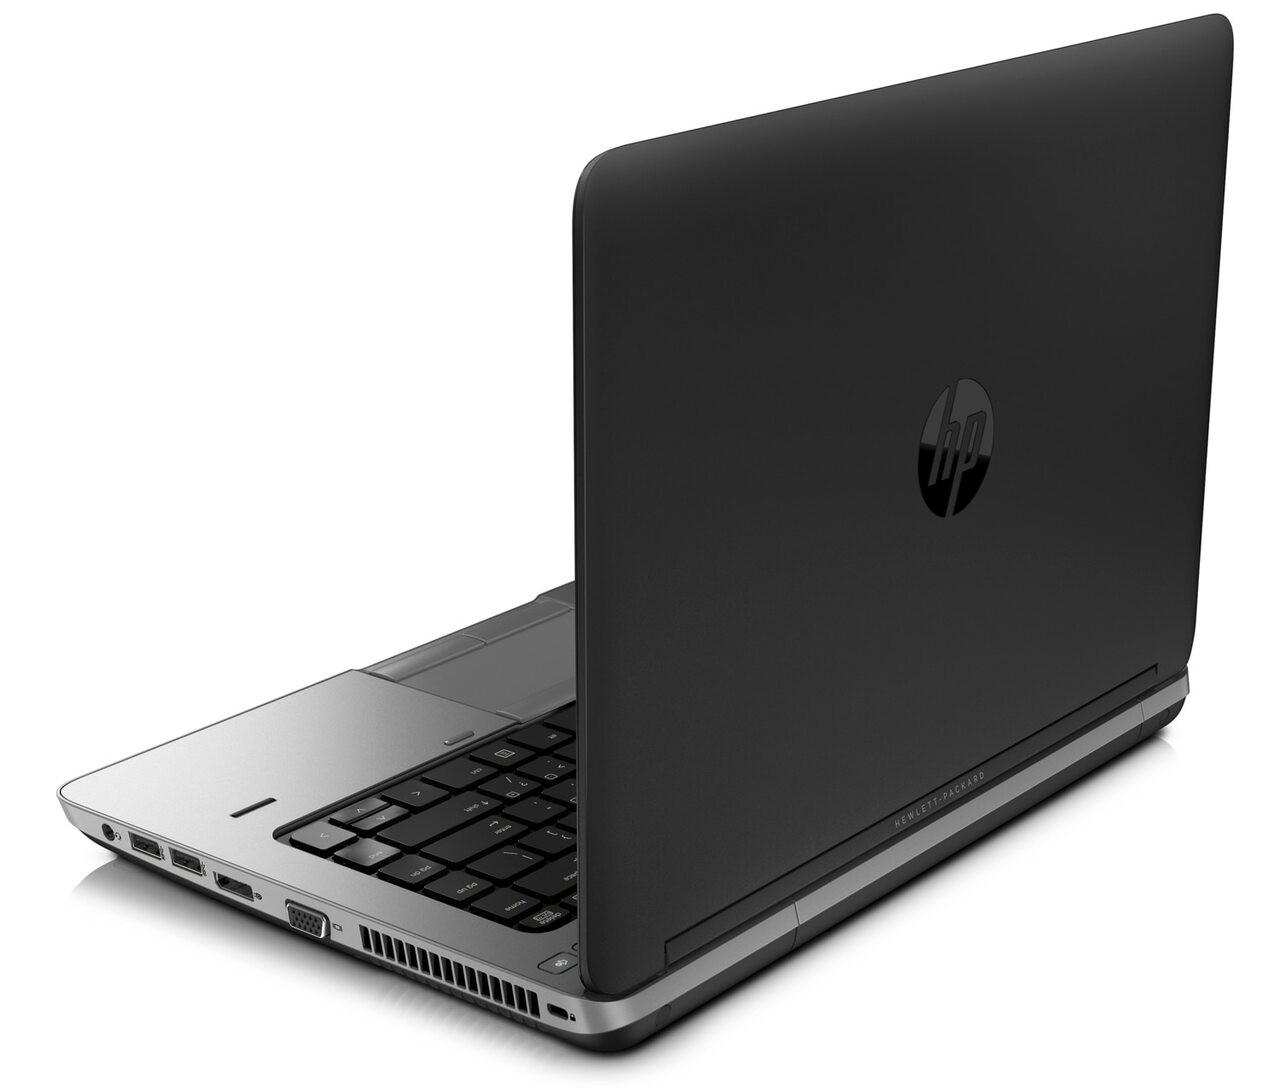 HP Probook 640 G1 Laptop Core i5 2.6GHz, 8GB Ram, 250GB SSD, DVD-RW, Windows 10 Pro 64 Notebook